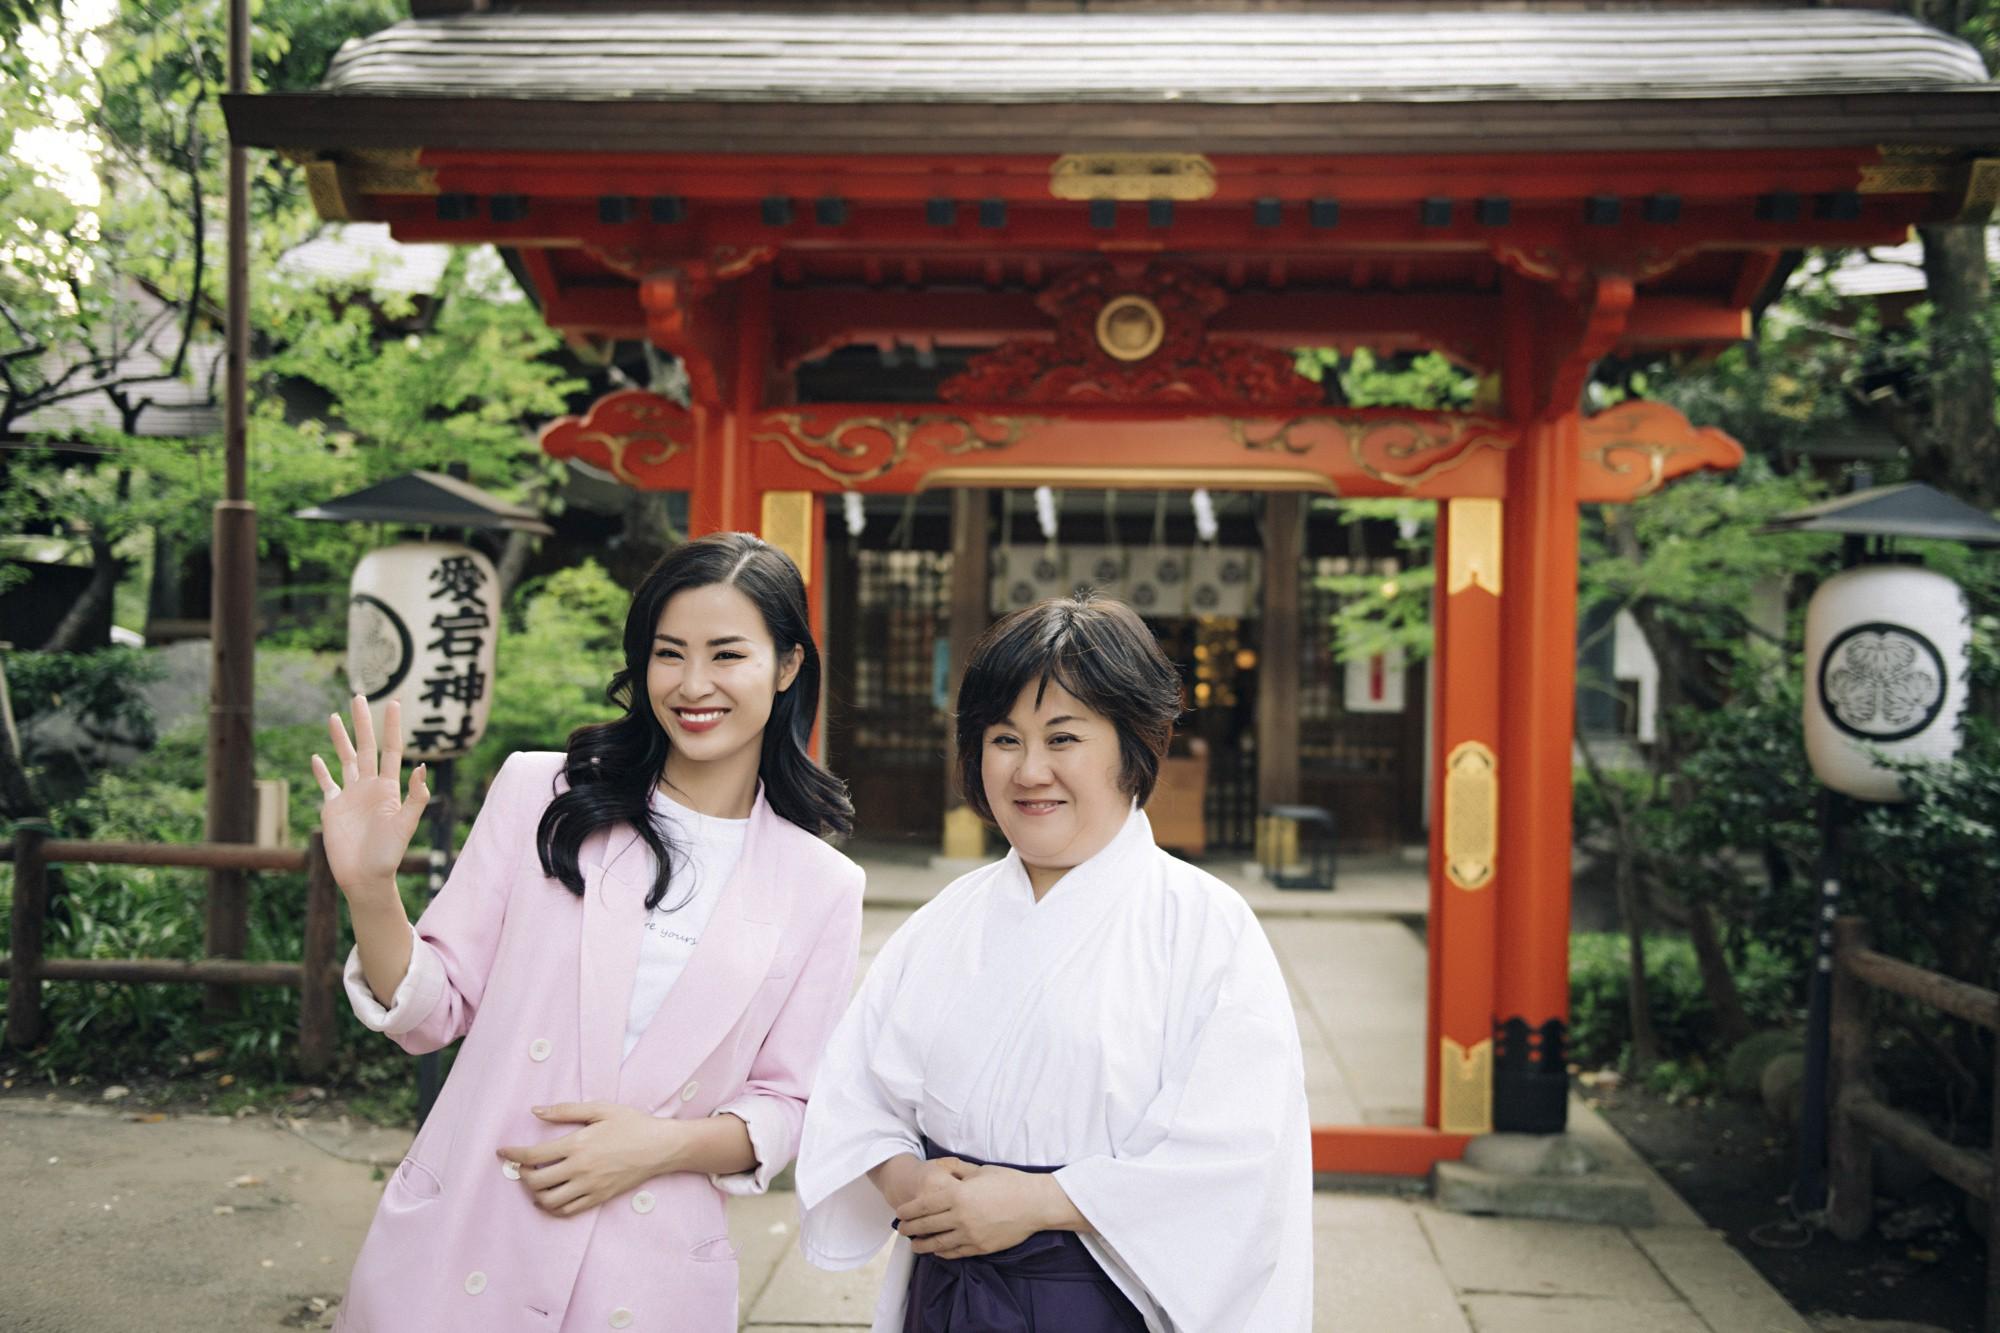 Đông Nhi hào hứng học làm sushi, cùng nghệ sĩ các nước ASEAN khám phá Nhật Bản - Ảnh 25.